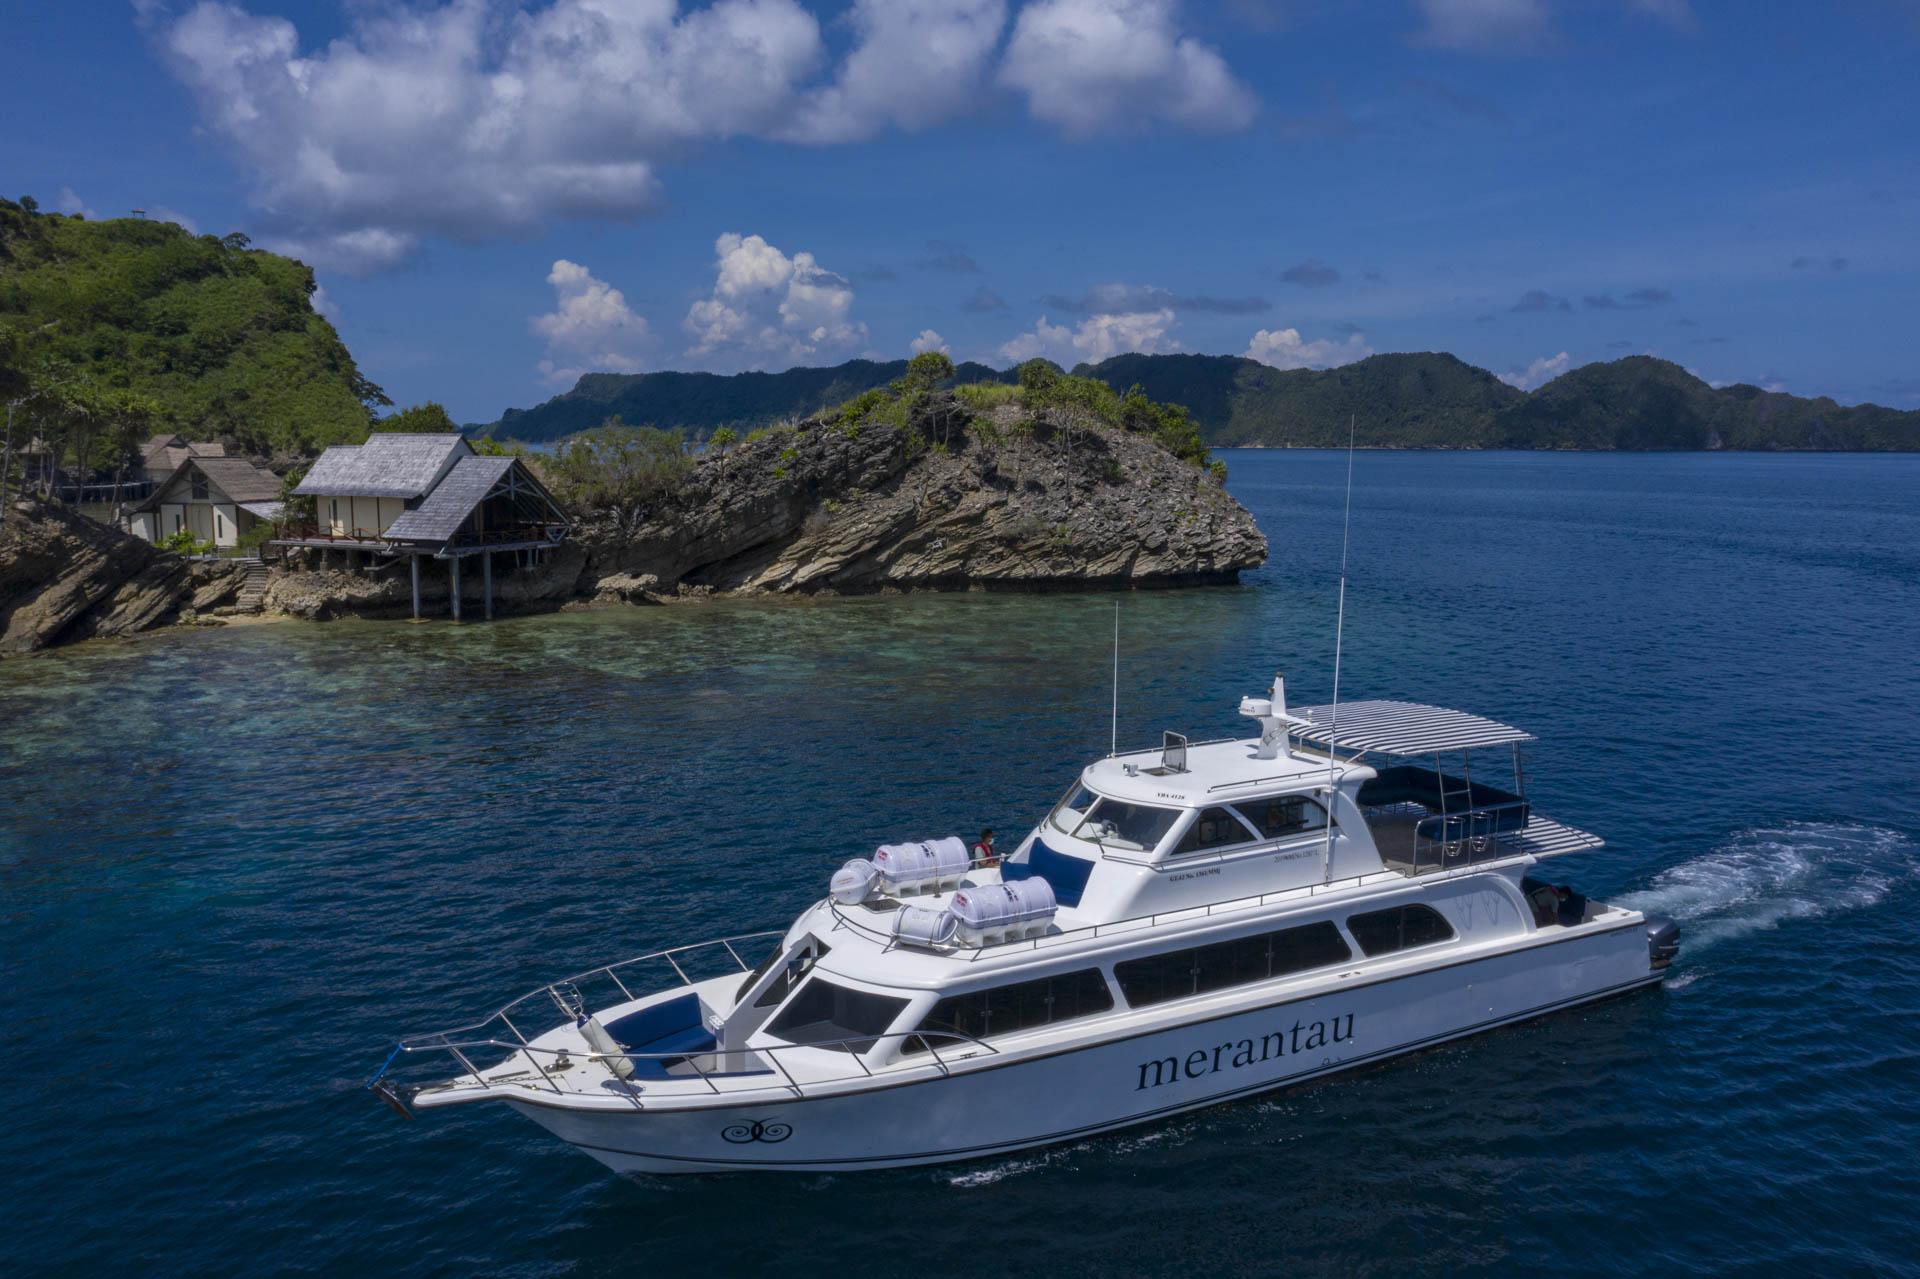 Misool resort transfer boat